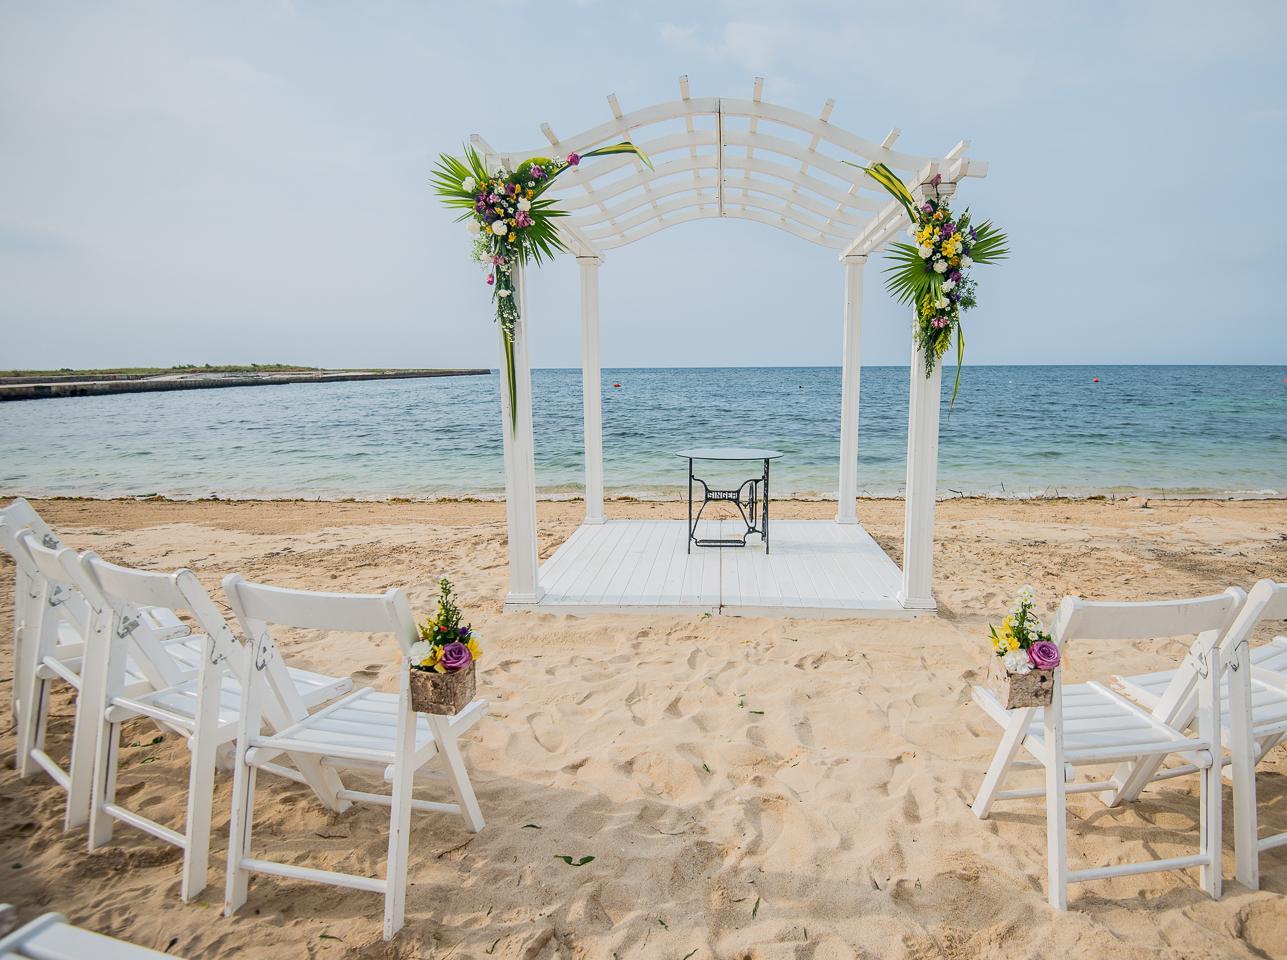 bodas-estilo-libre-sin-tema-cuba-12461.jpg